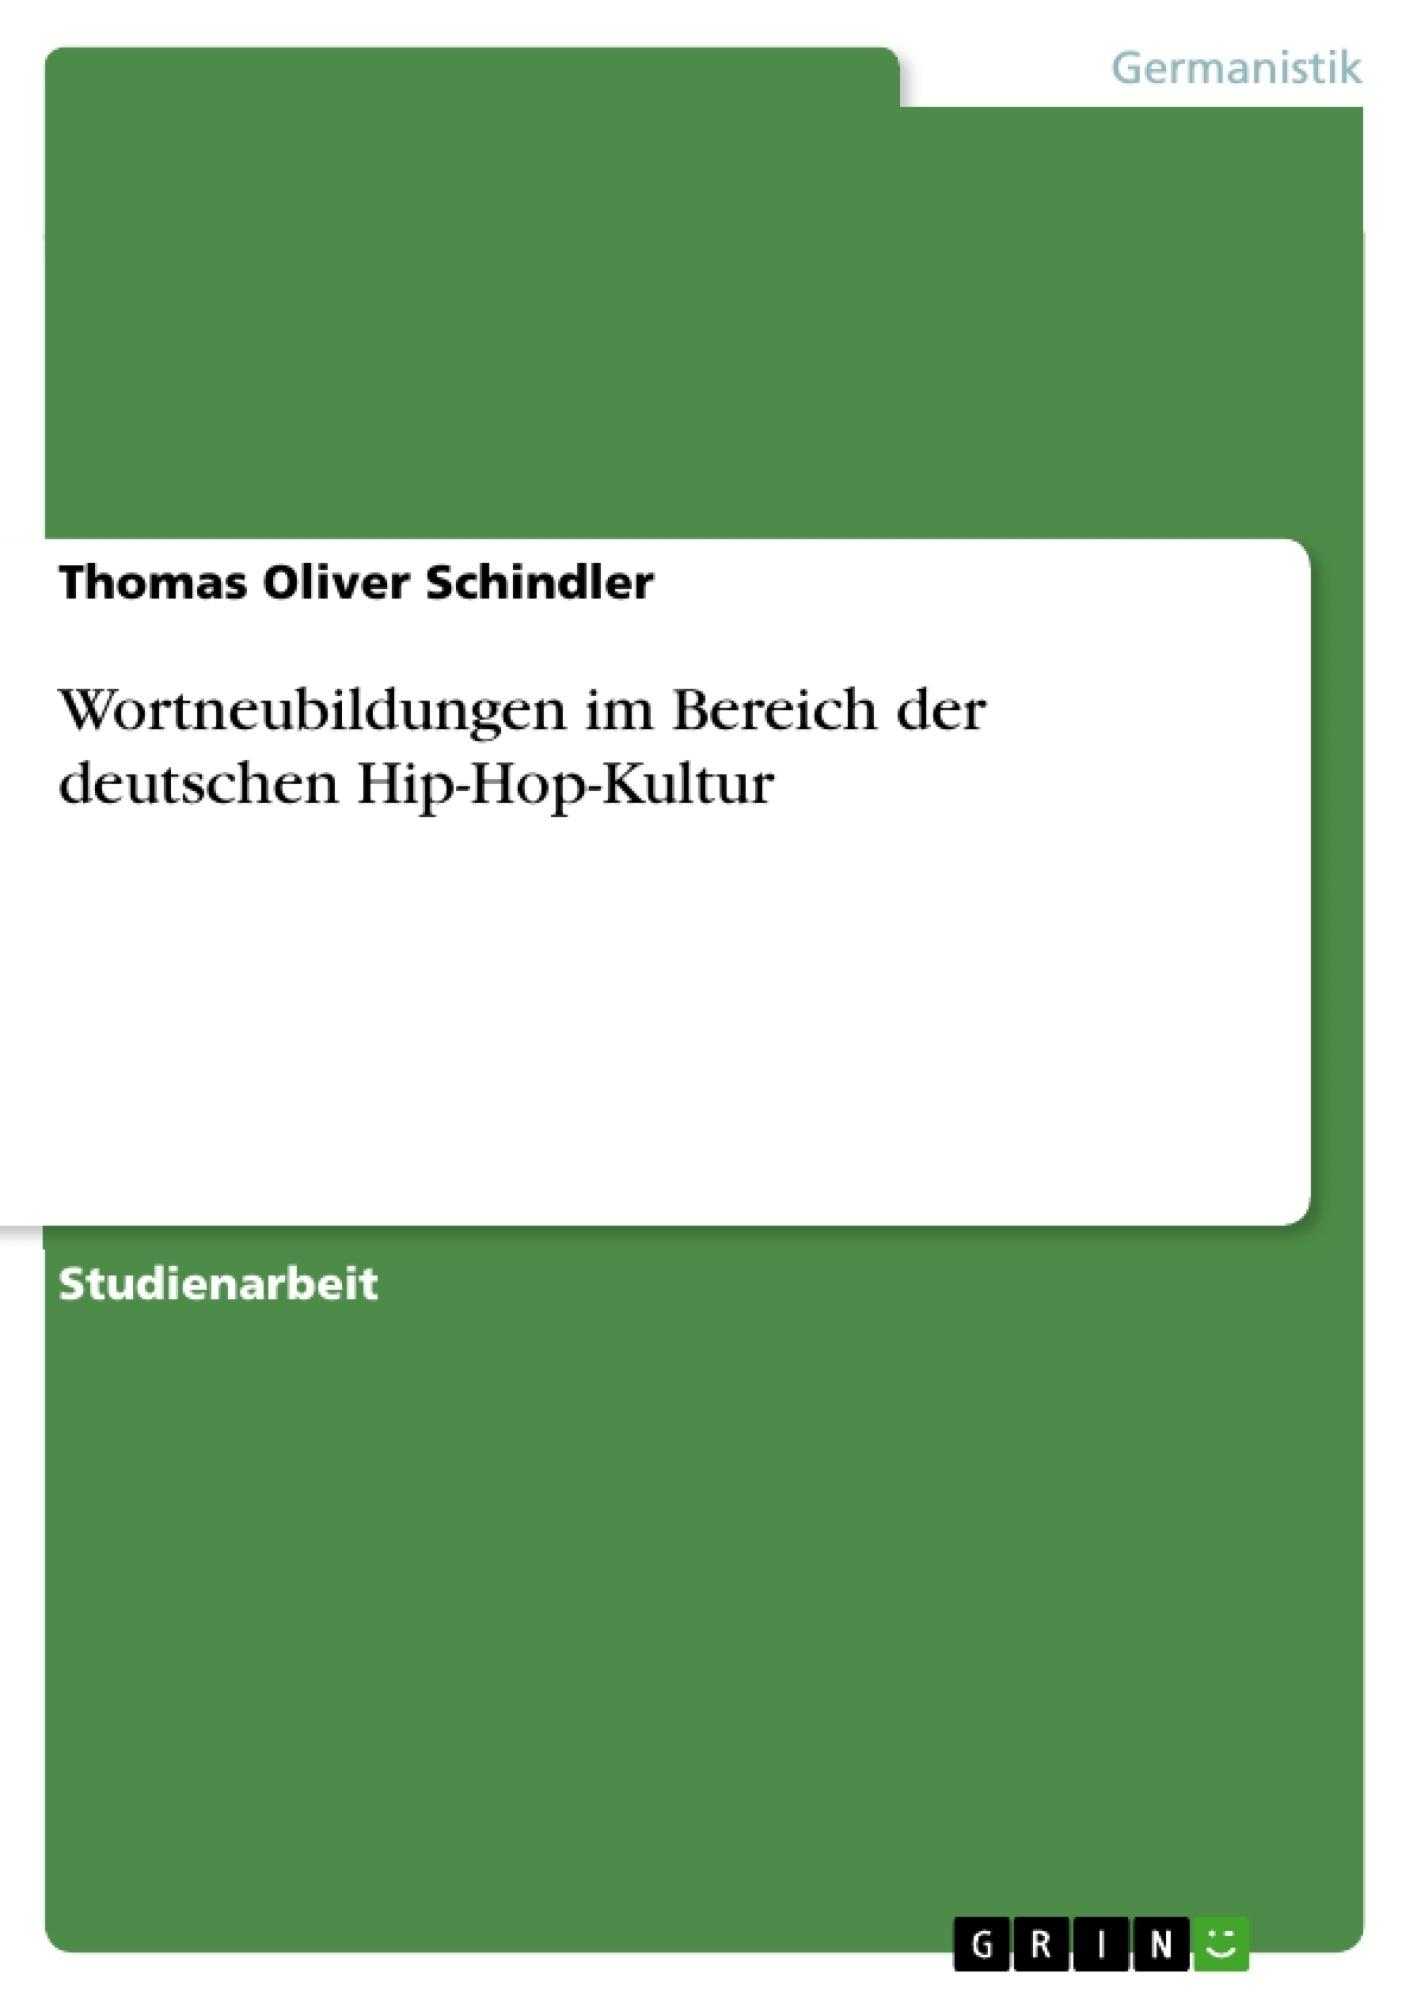 Titel: Wortneubildungen im Bereich der deutschen Hip-Hop-Kultur